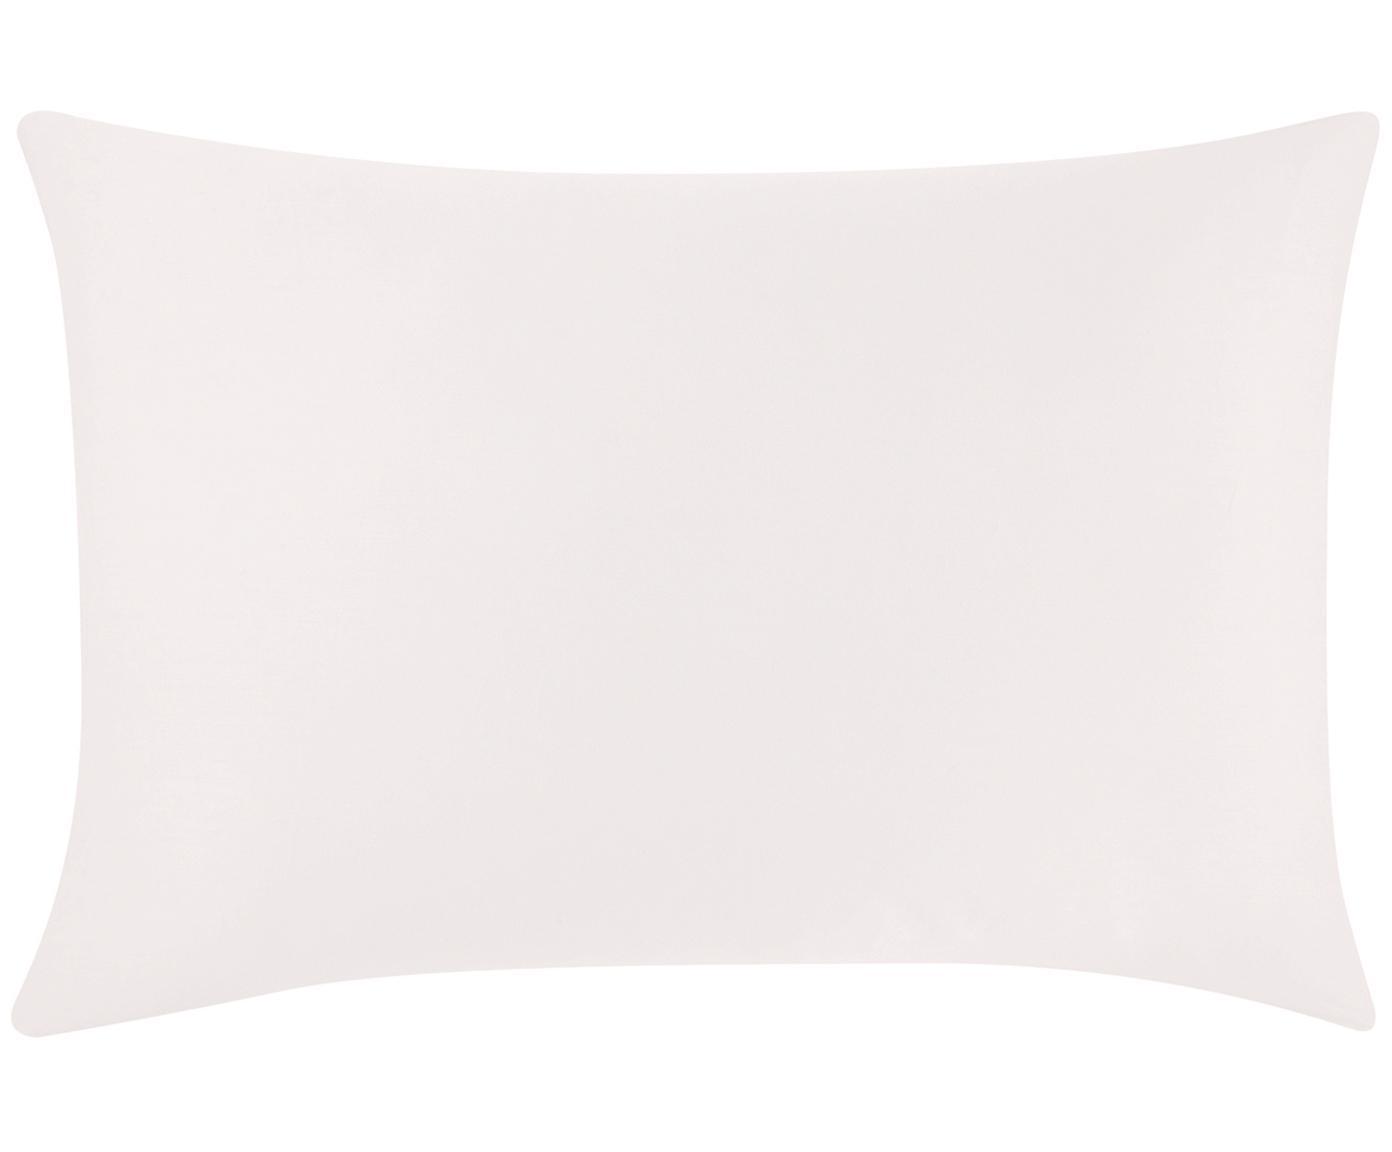 Funda de almohada de satén Comfort, Rosa, An 50 x L 70 cm